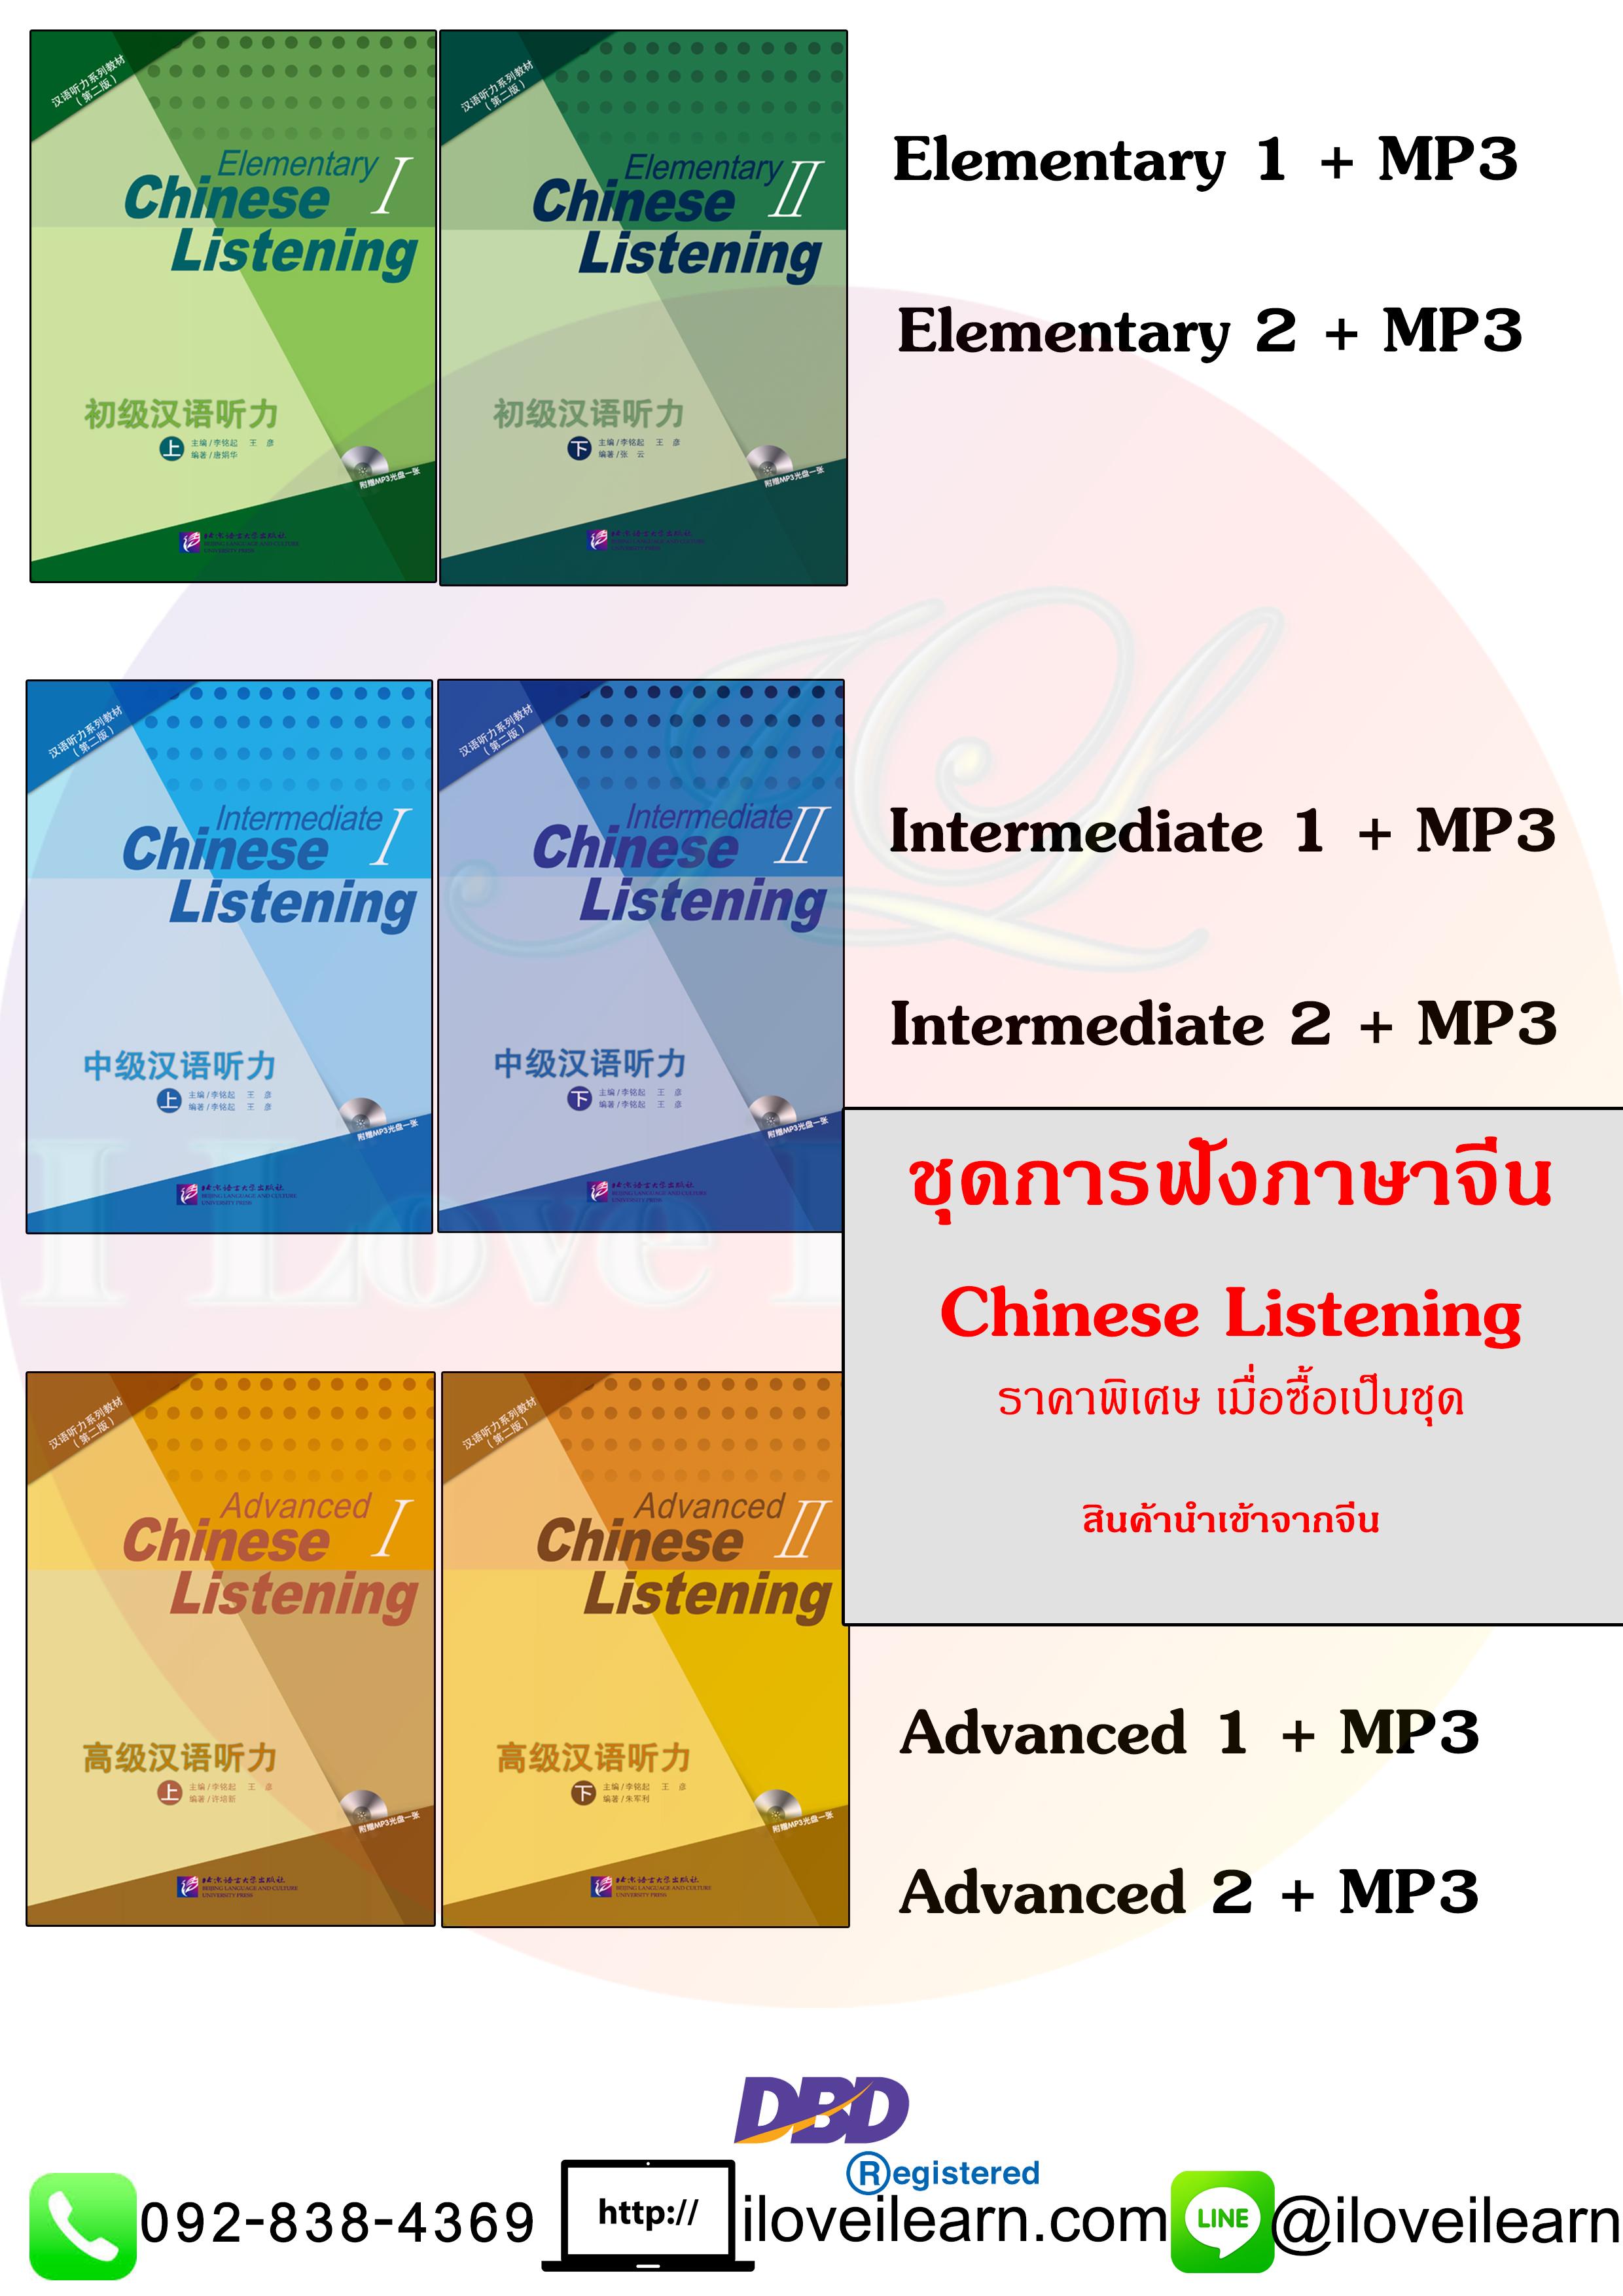 ชุดหนังสือการฟังภาษาจีน Chinese Listening